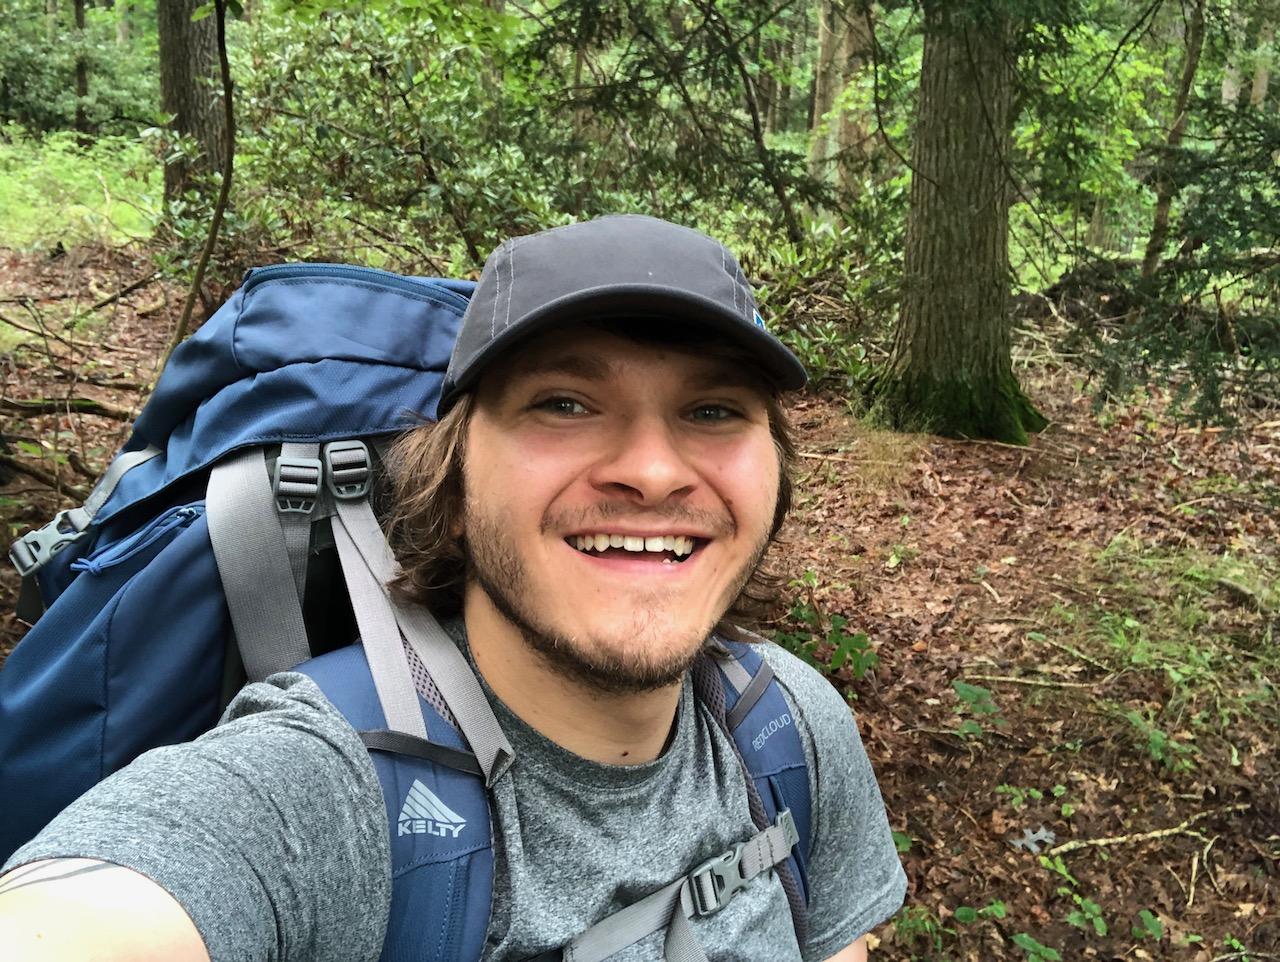 Selfie photo of Brett at the start of the hike